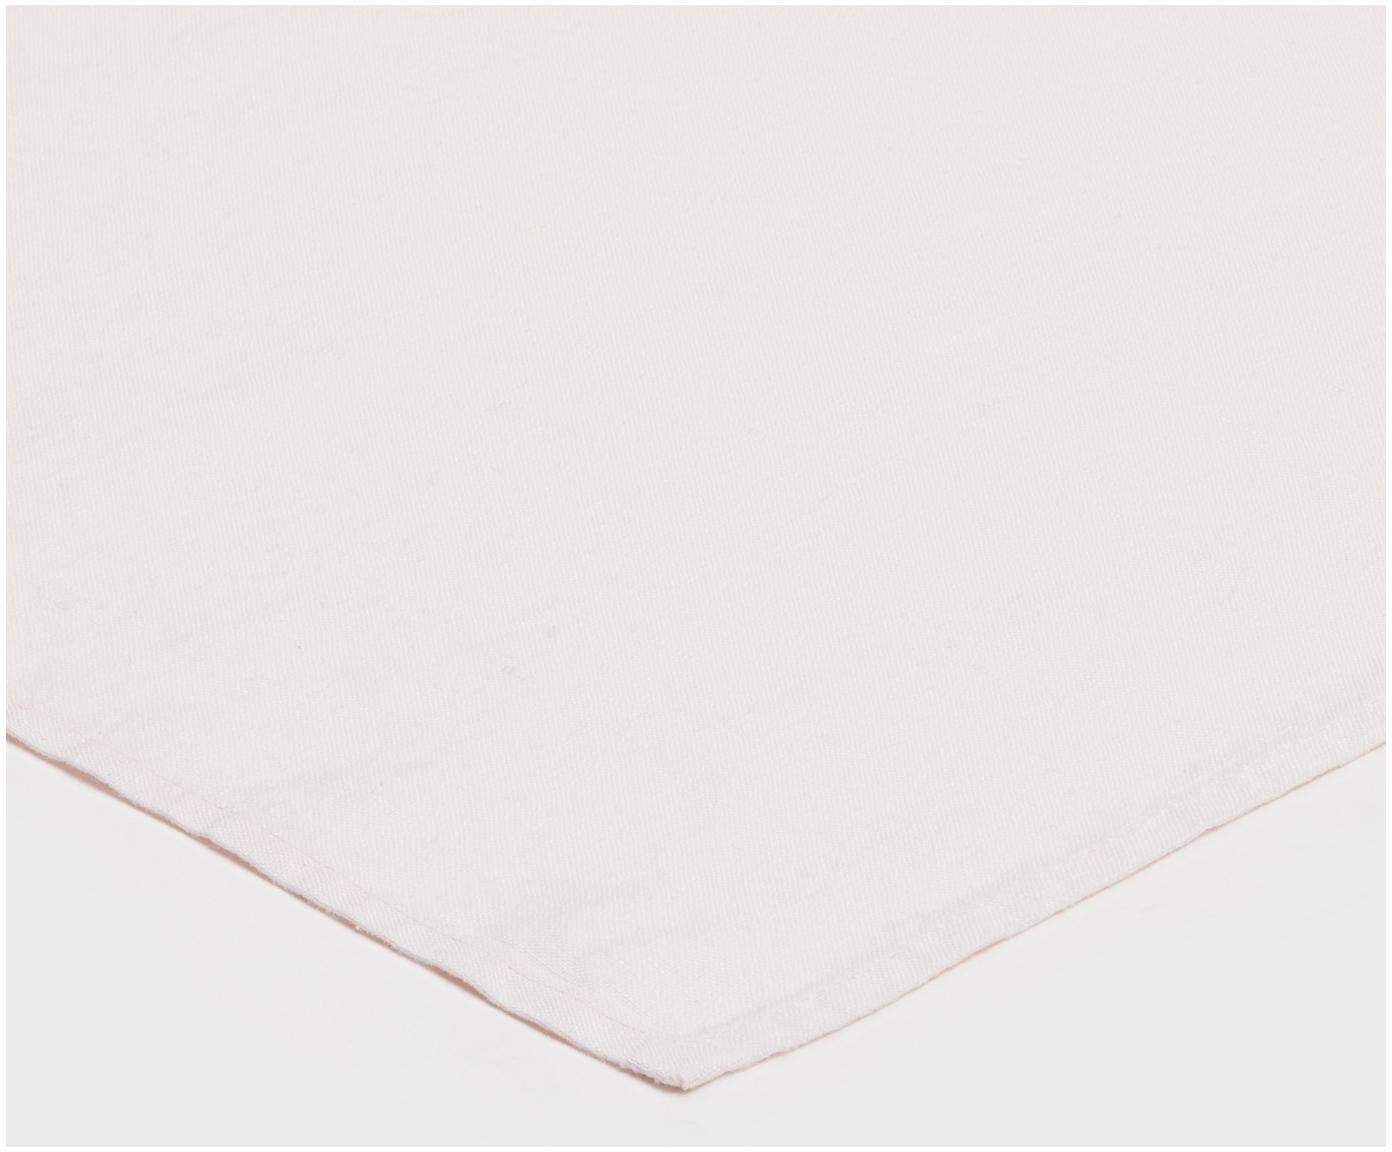 Serwetka z lnu Sunshine, 4 szt., Len, Różowy, S 45 x D 45 cm